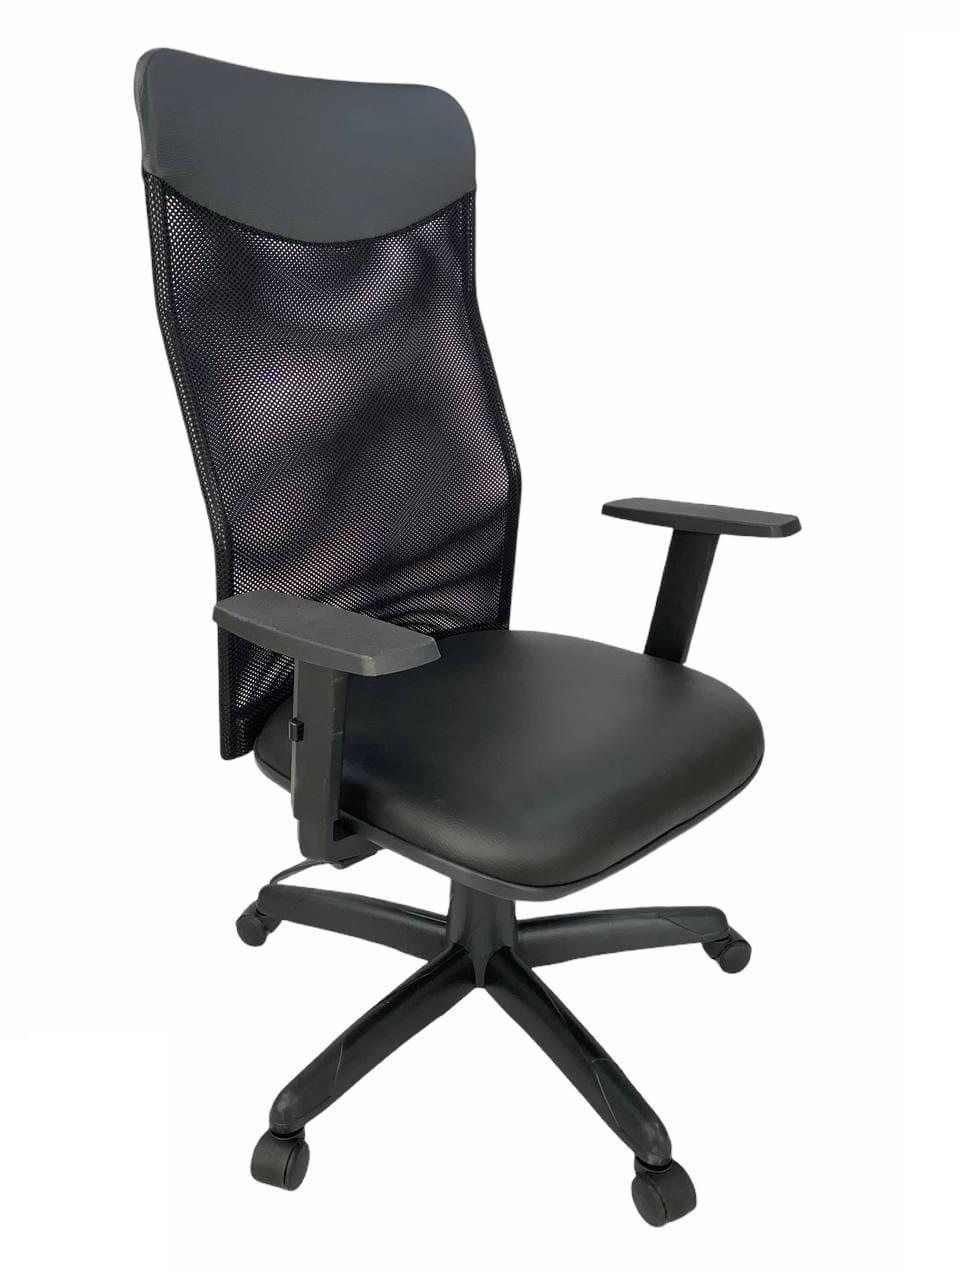 Cadeira Presidente Netuno Tela com Braço Regulável Preto